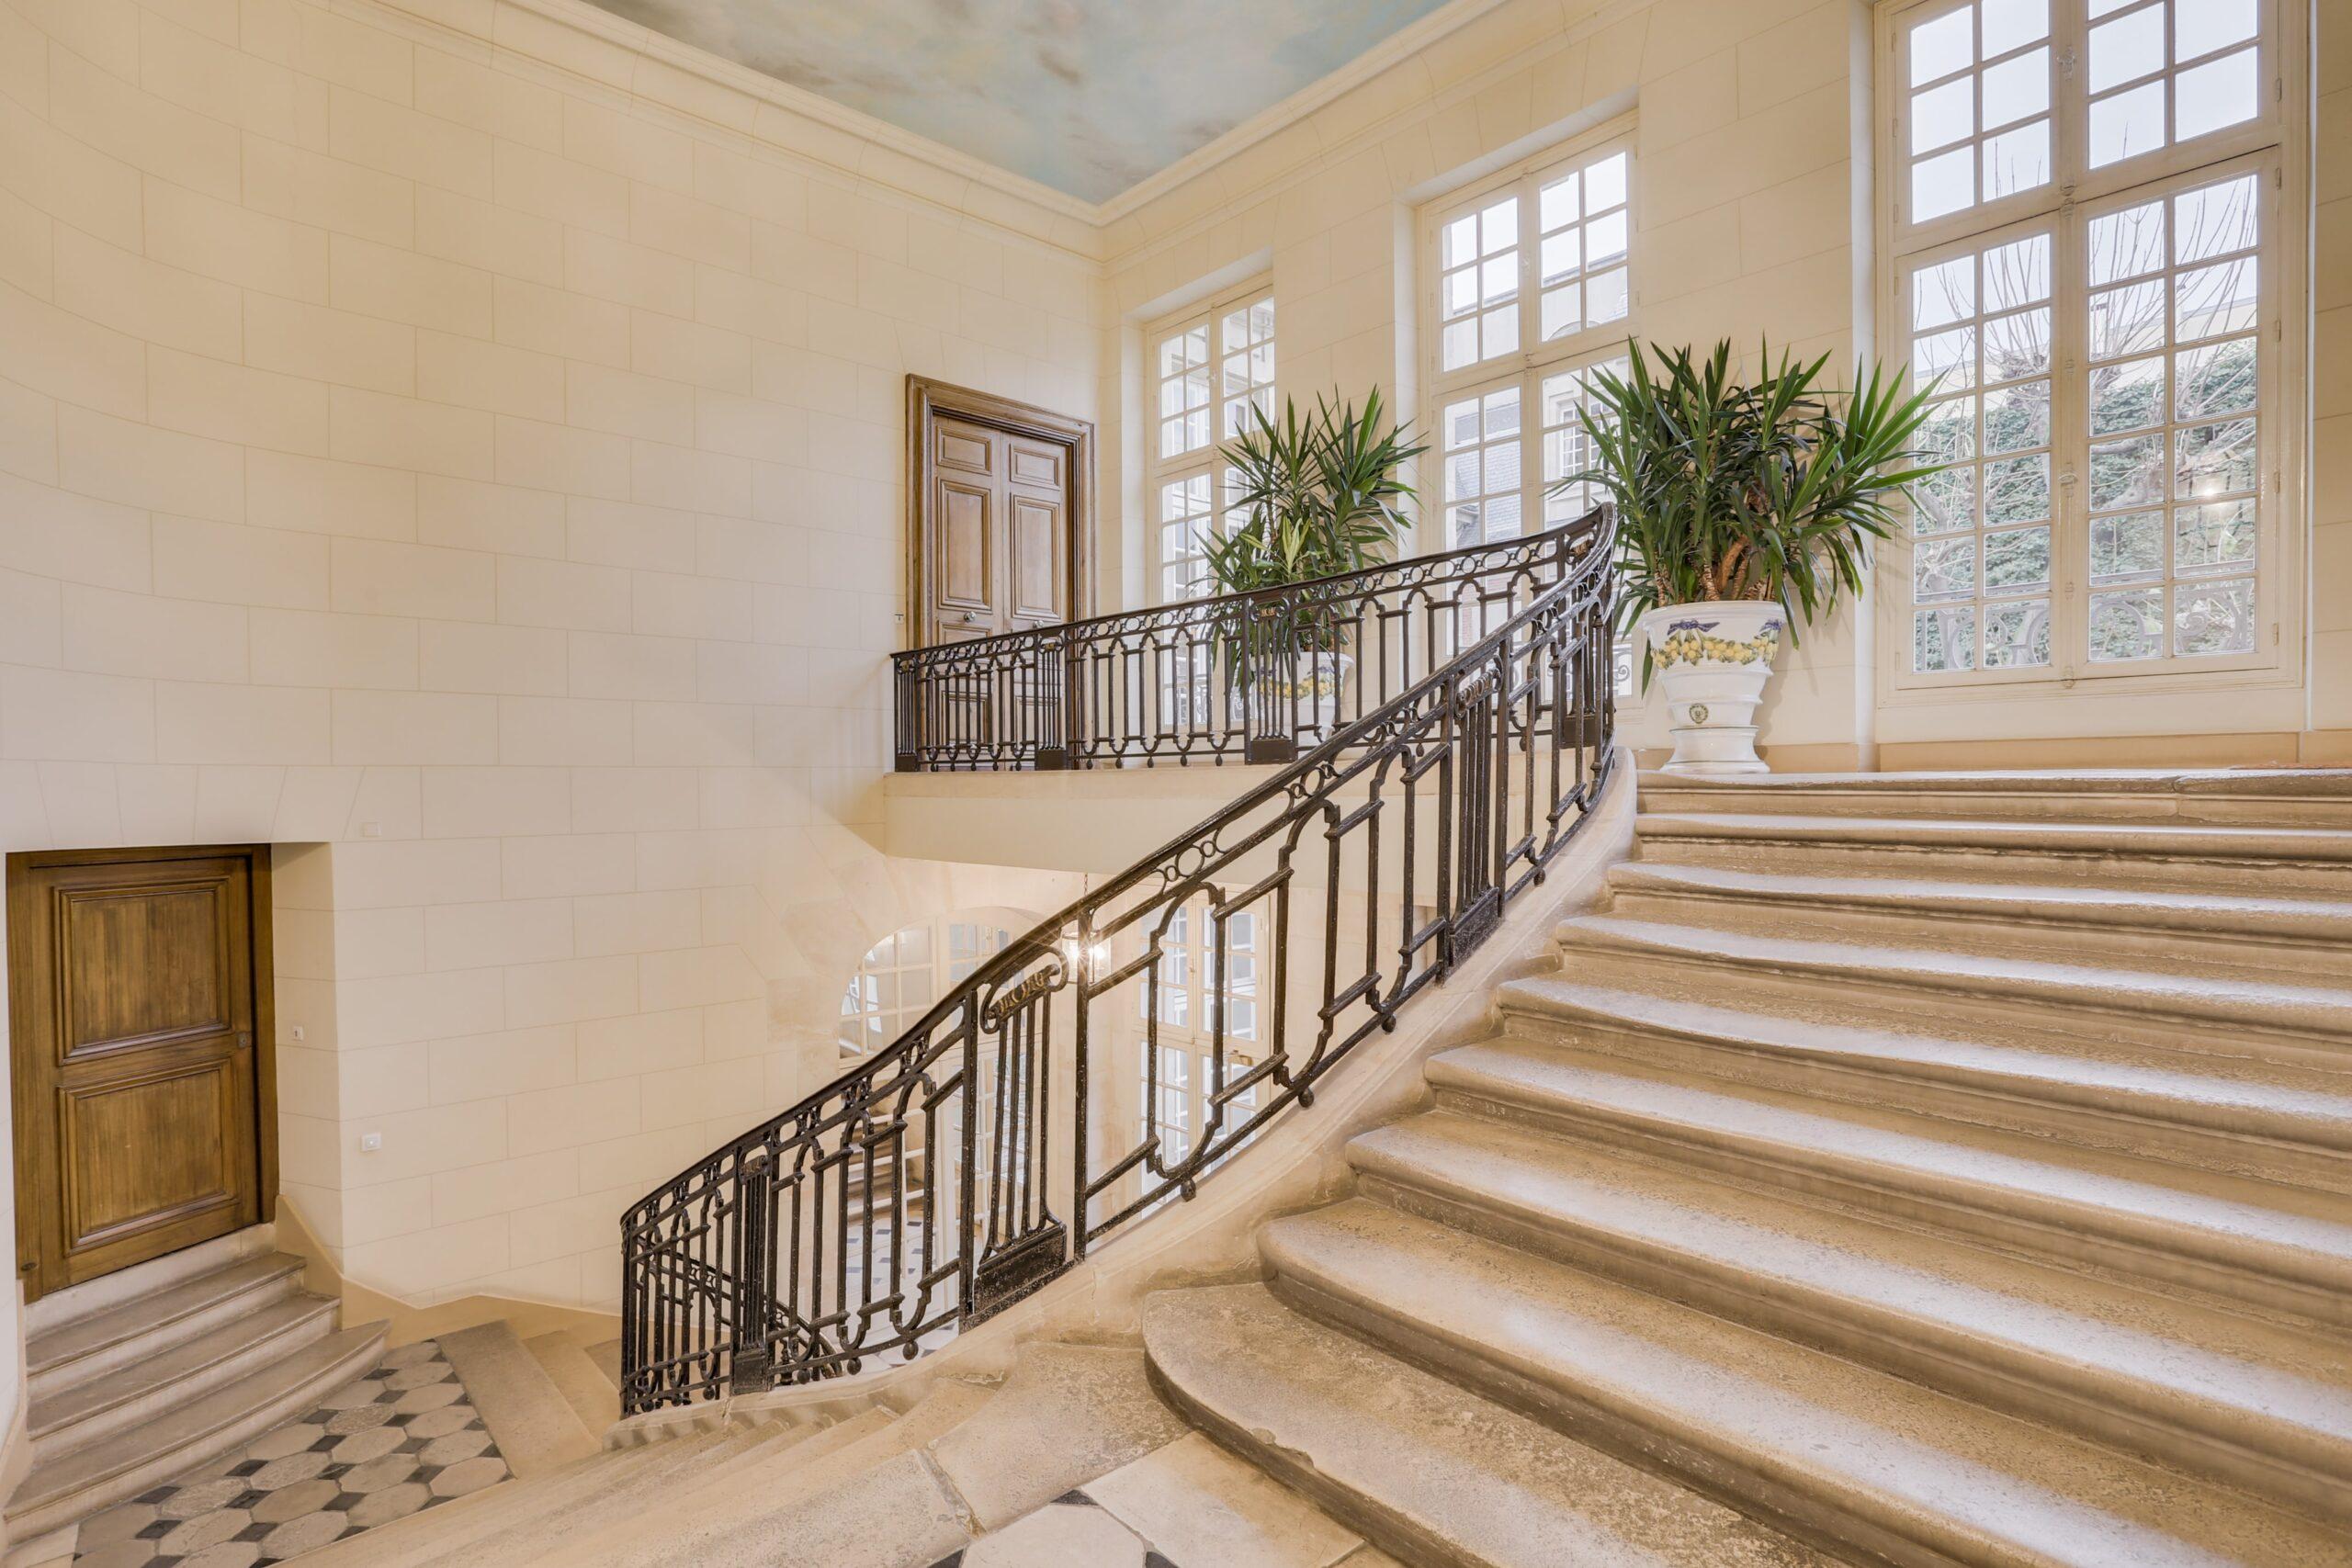 francs-bourgeois-paris-15-renovation-appartement-architectur-interieur-favresse-architectes-01-min